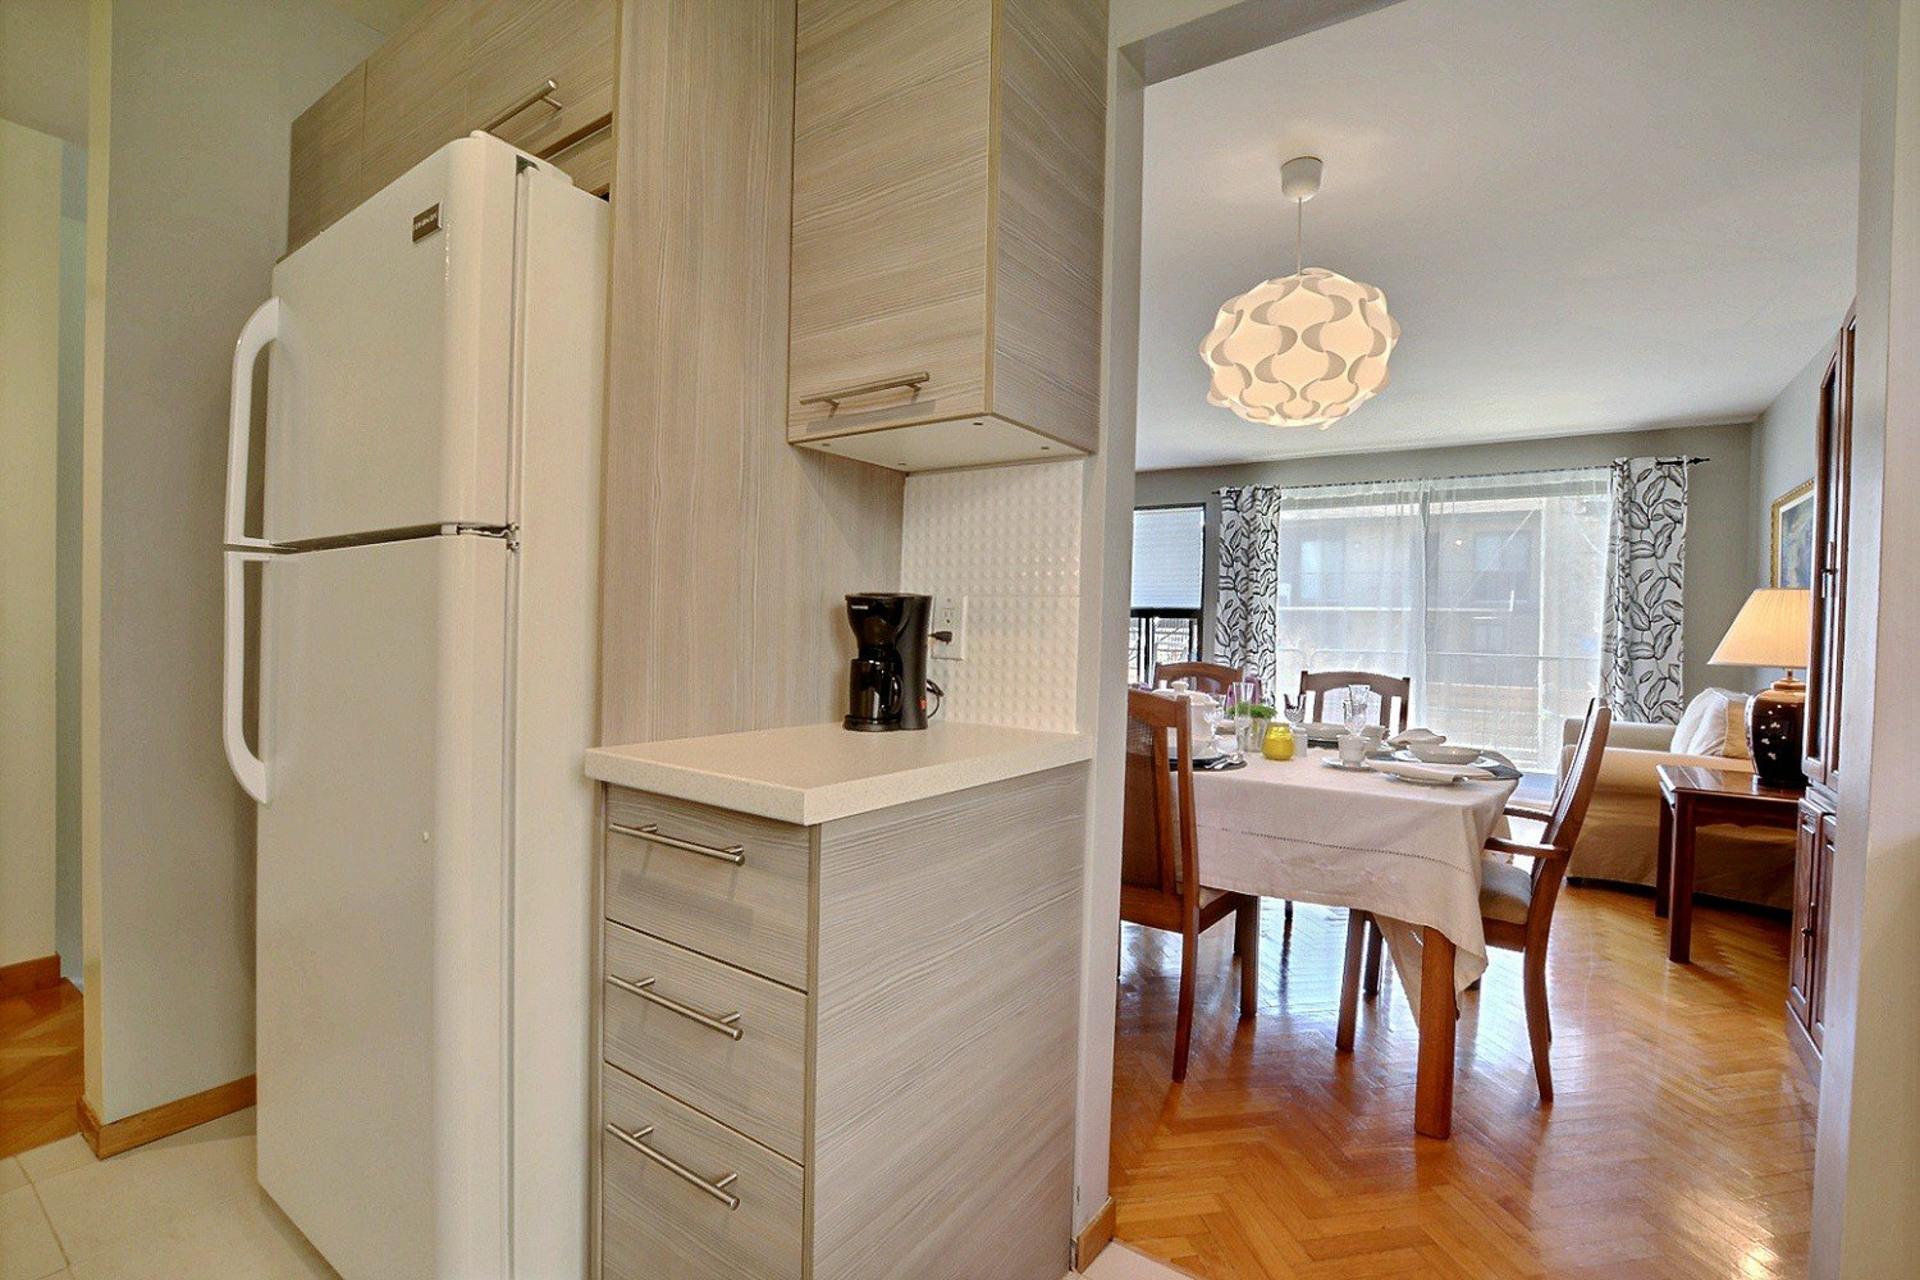 image 8 - Appartement À vendre Montréal Ahuntsic-Cartierville  - 7 pièces